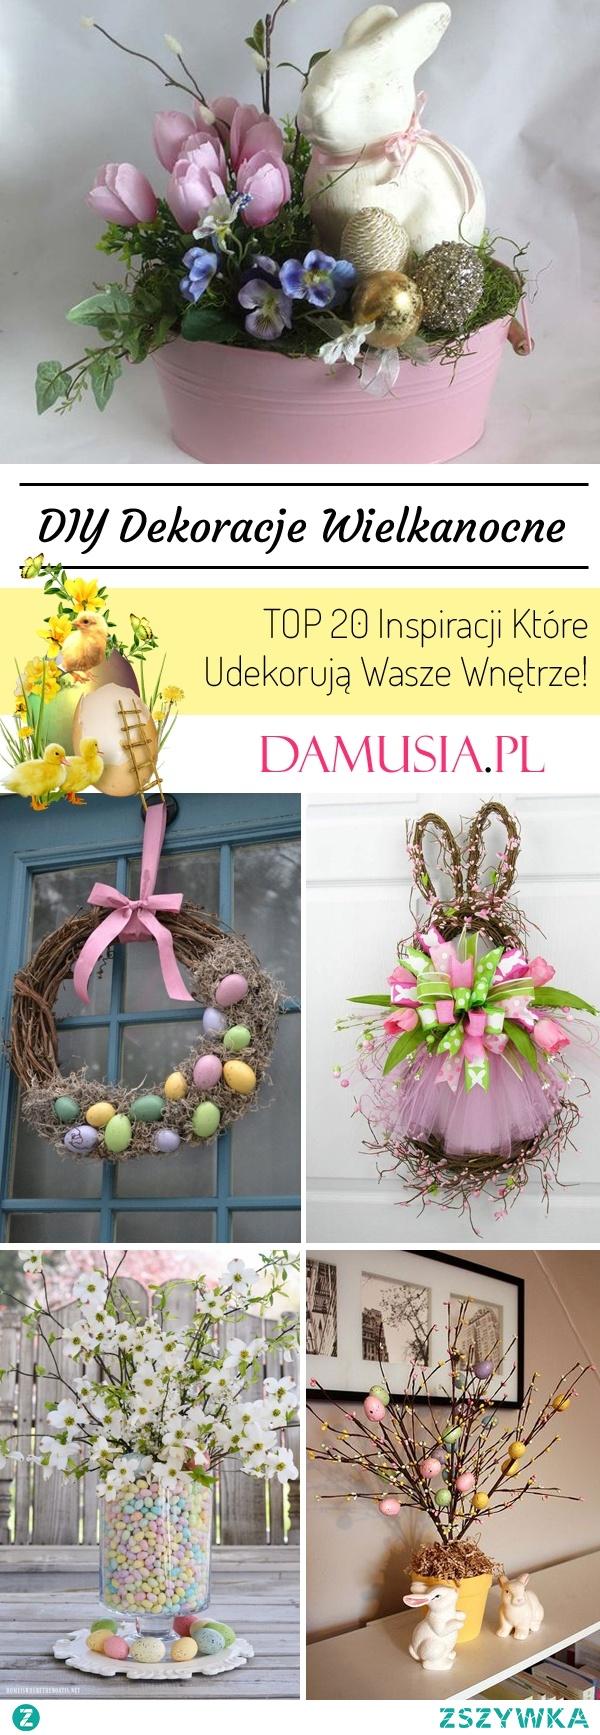 DIY Dekoracje Wielkanocne – TOP 20 Inspiracji Które Udekorują Wasze Wnętrze!